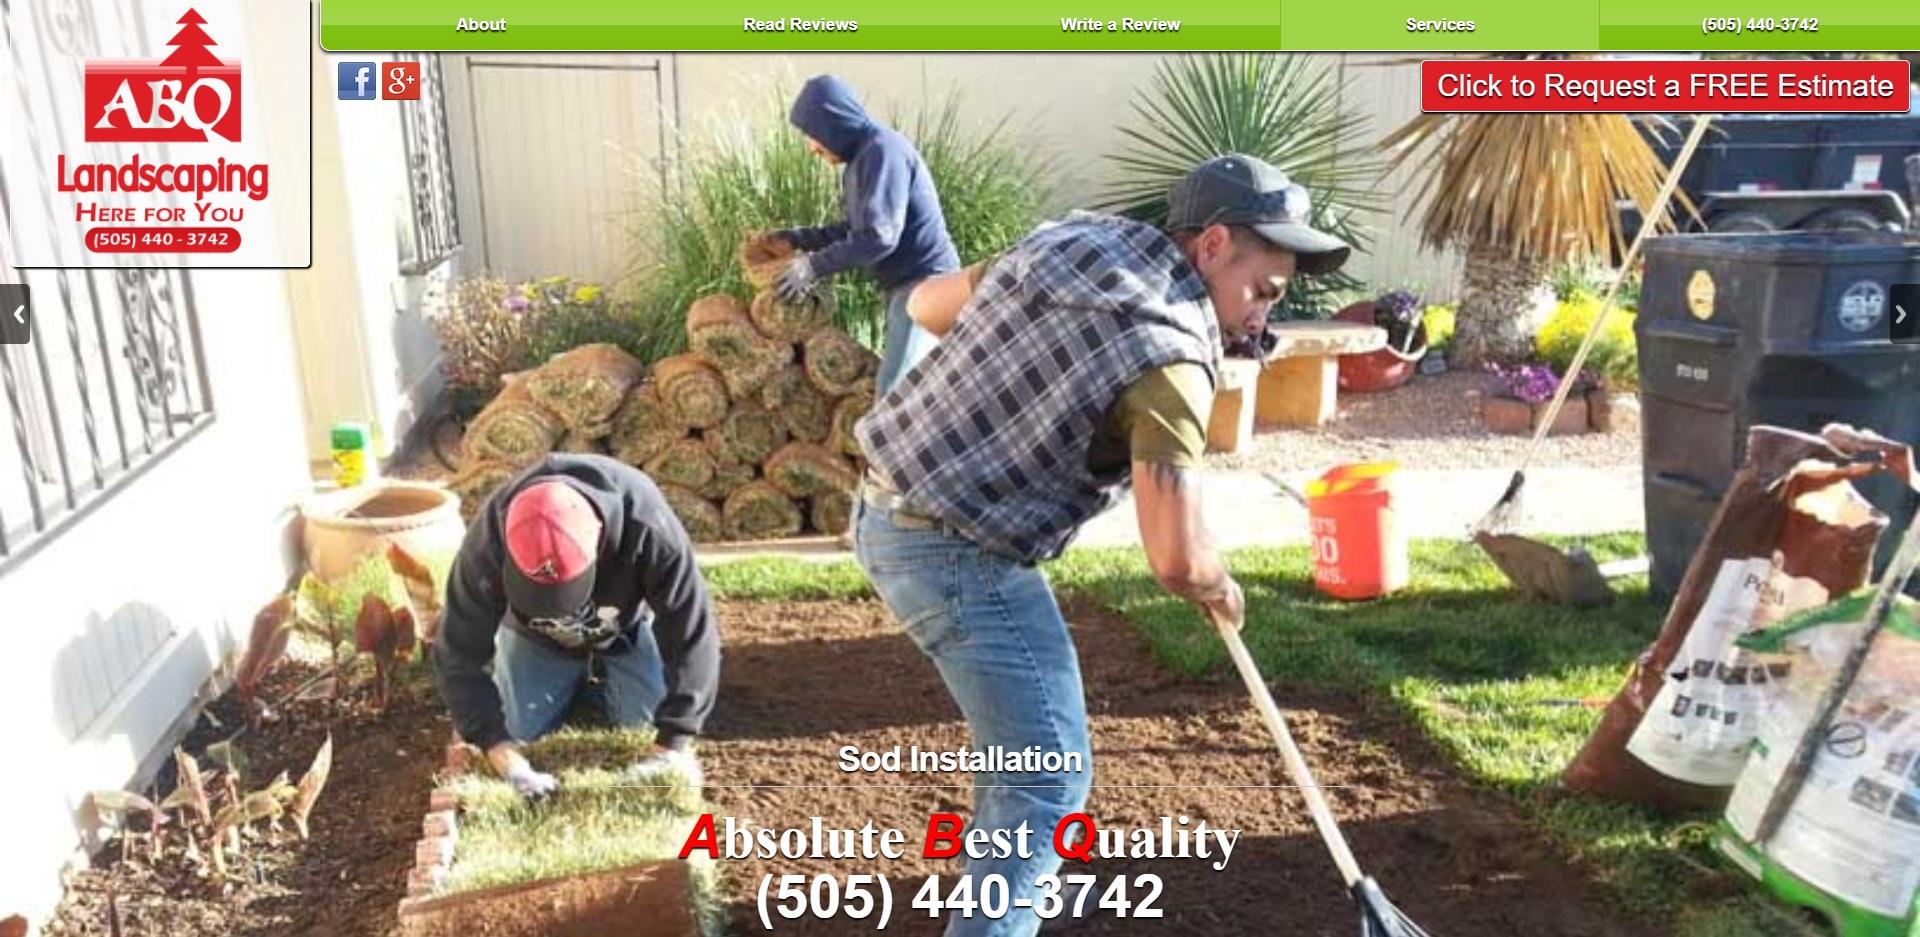 5 Best Landscaping Companies in Albuquerque, NM